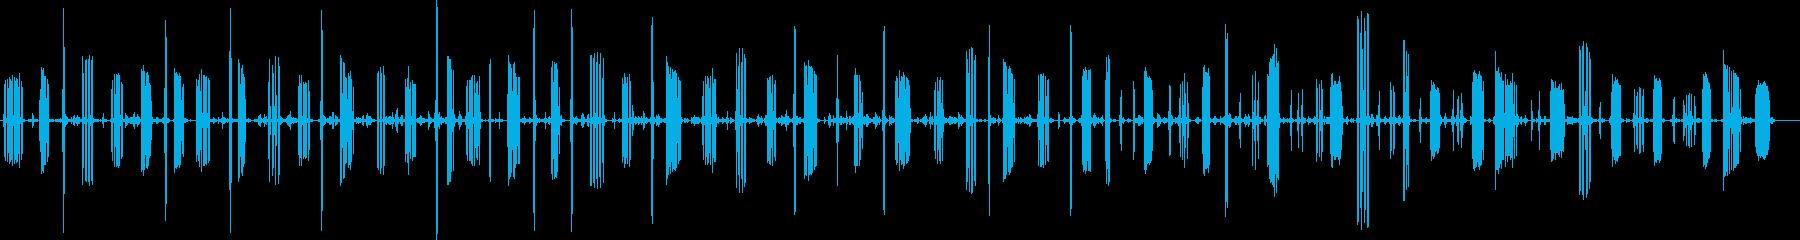 チャット、イエローブレストチャープ...の再生済みの波形